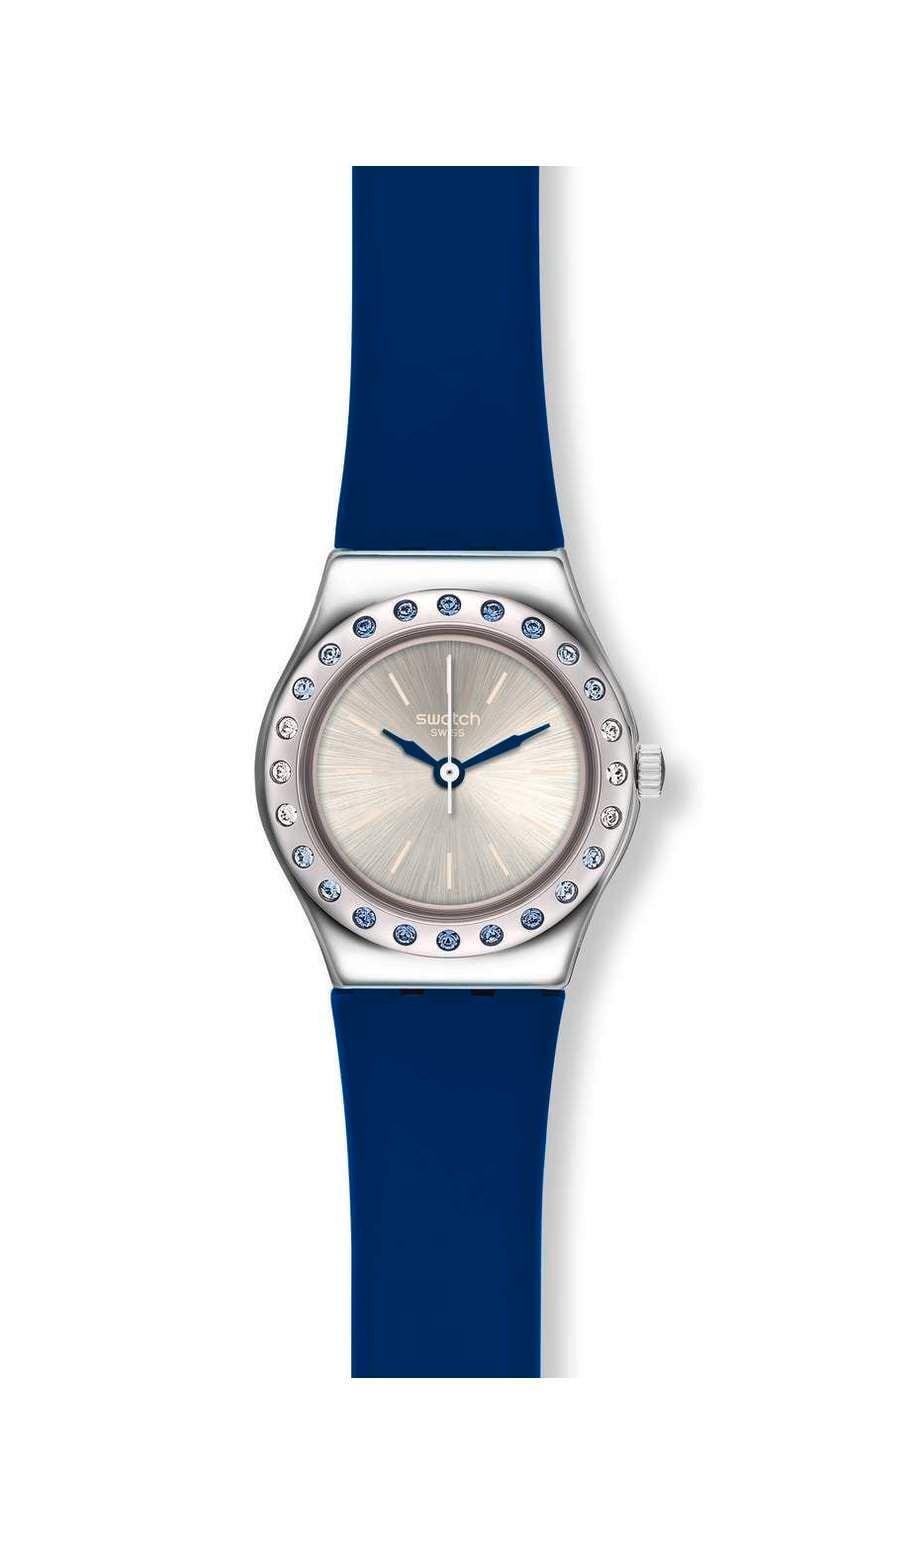 Swatch - CAMABLEU - 1